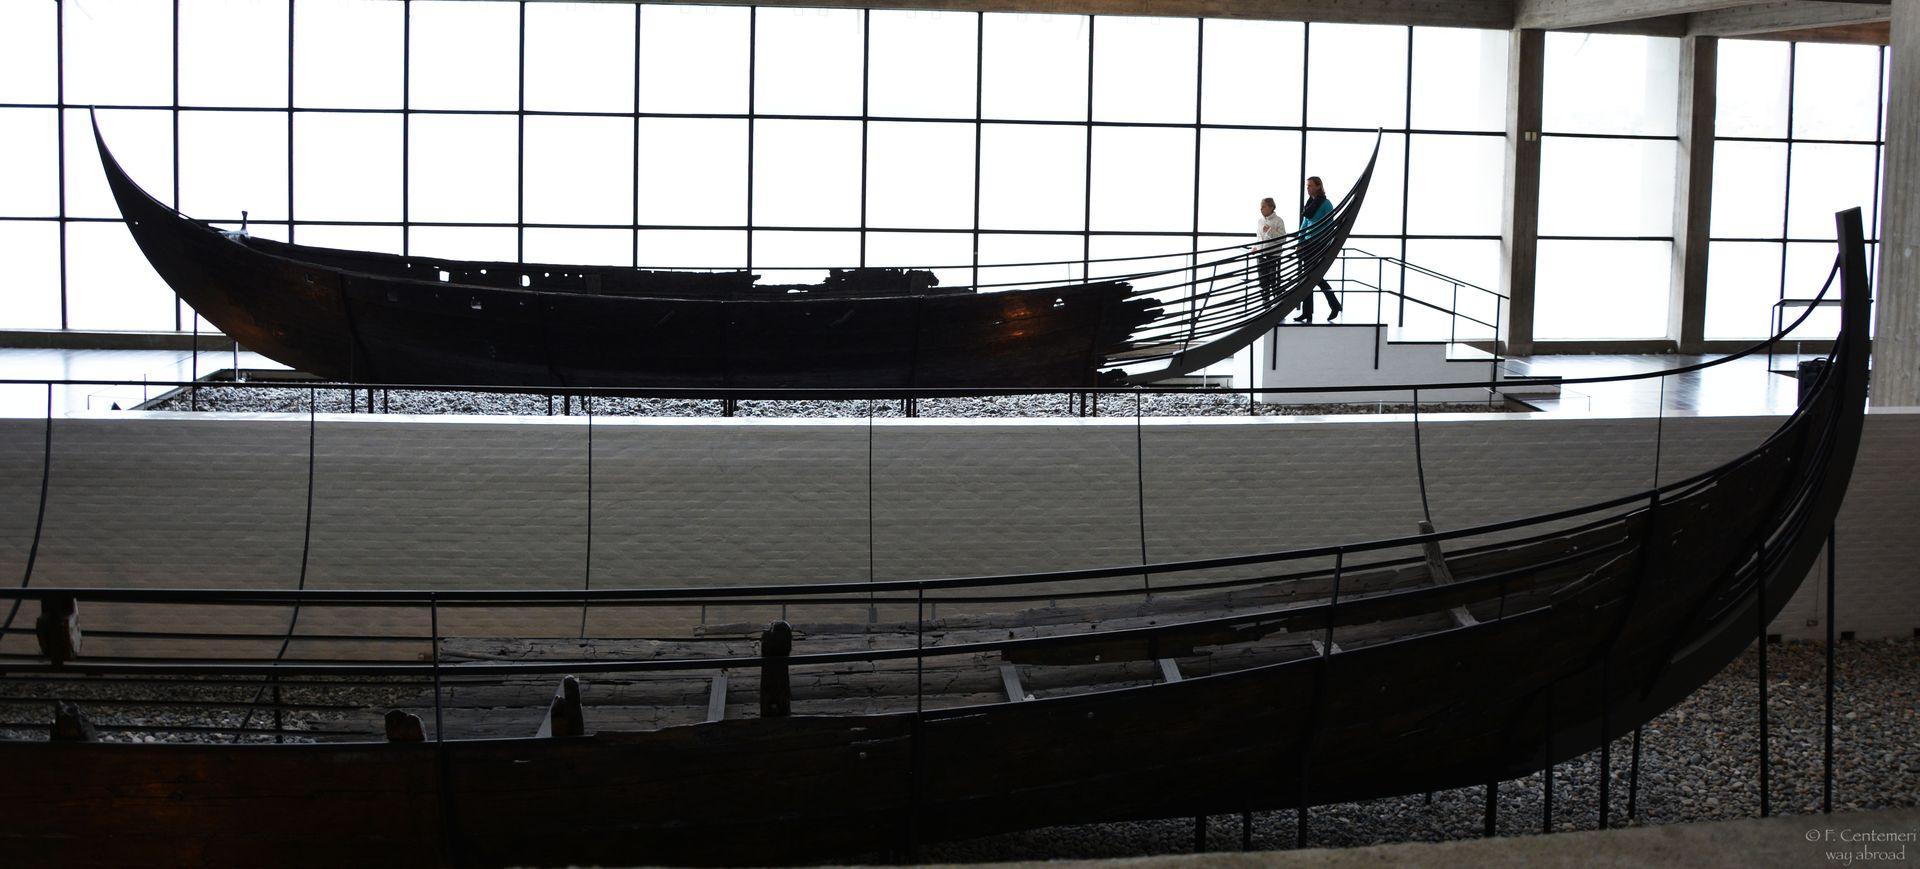 Le navi vichinghe di Roskilde